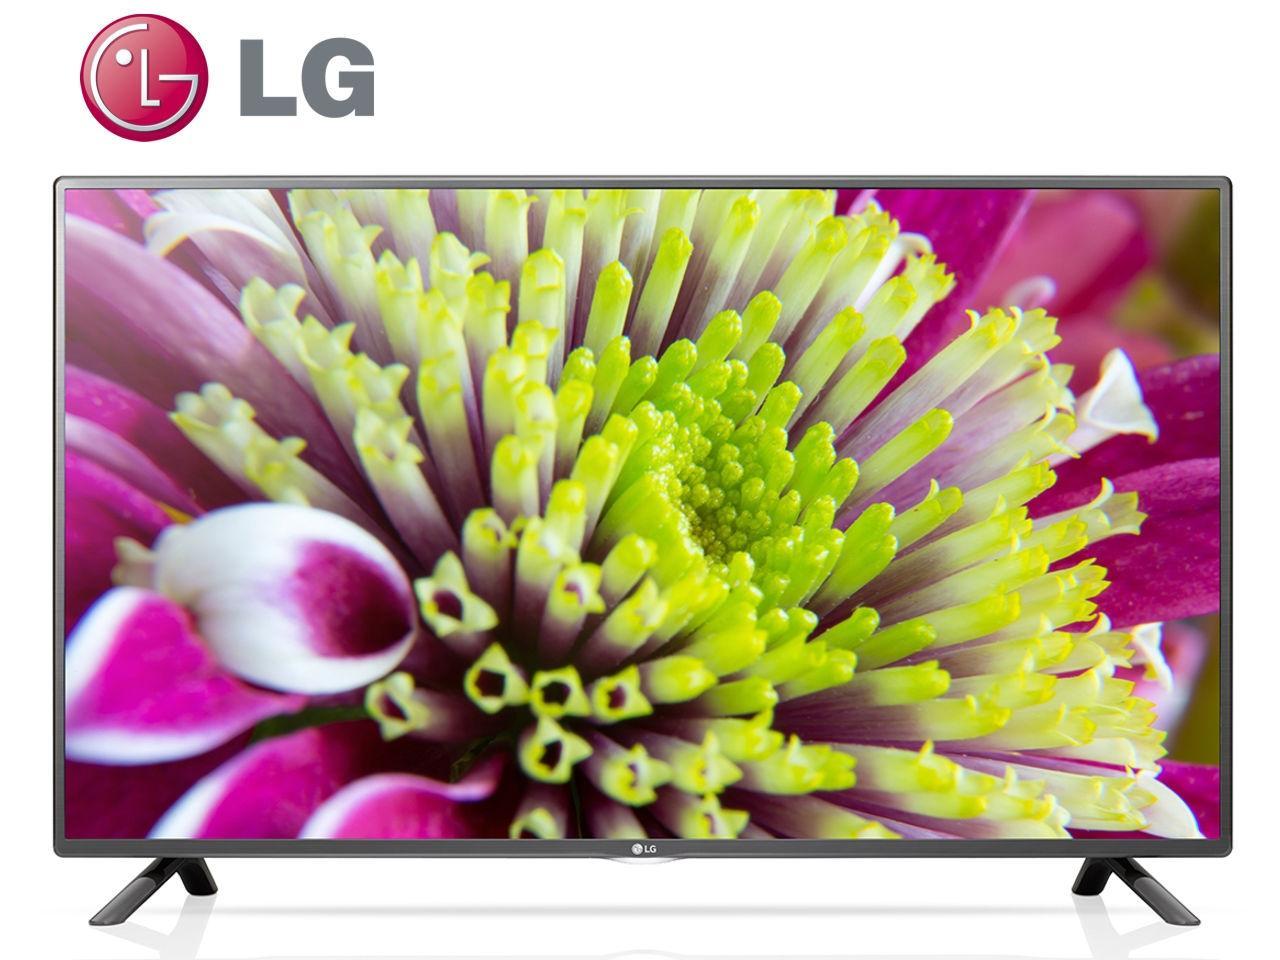 LG 32LF5800 + 300 Kč na dárky nebo další nákup | CHAT on-line podpora PO-PÁ 8-22.00!!